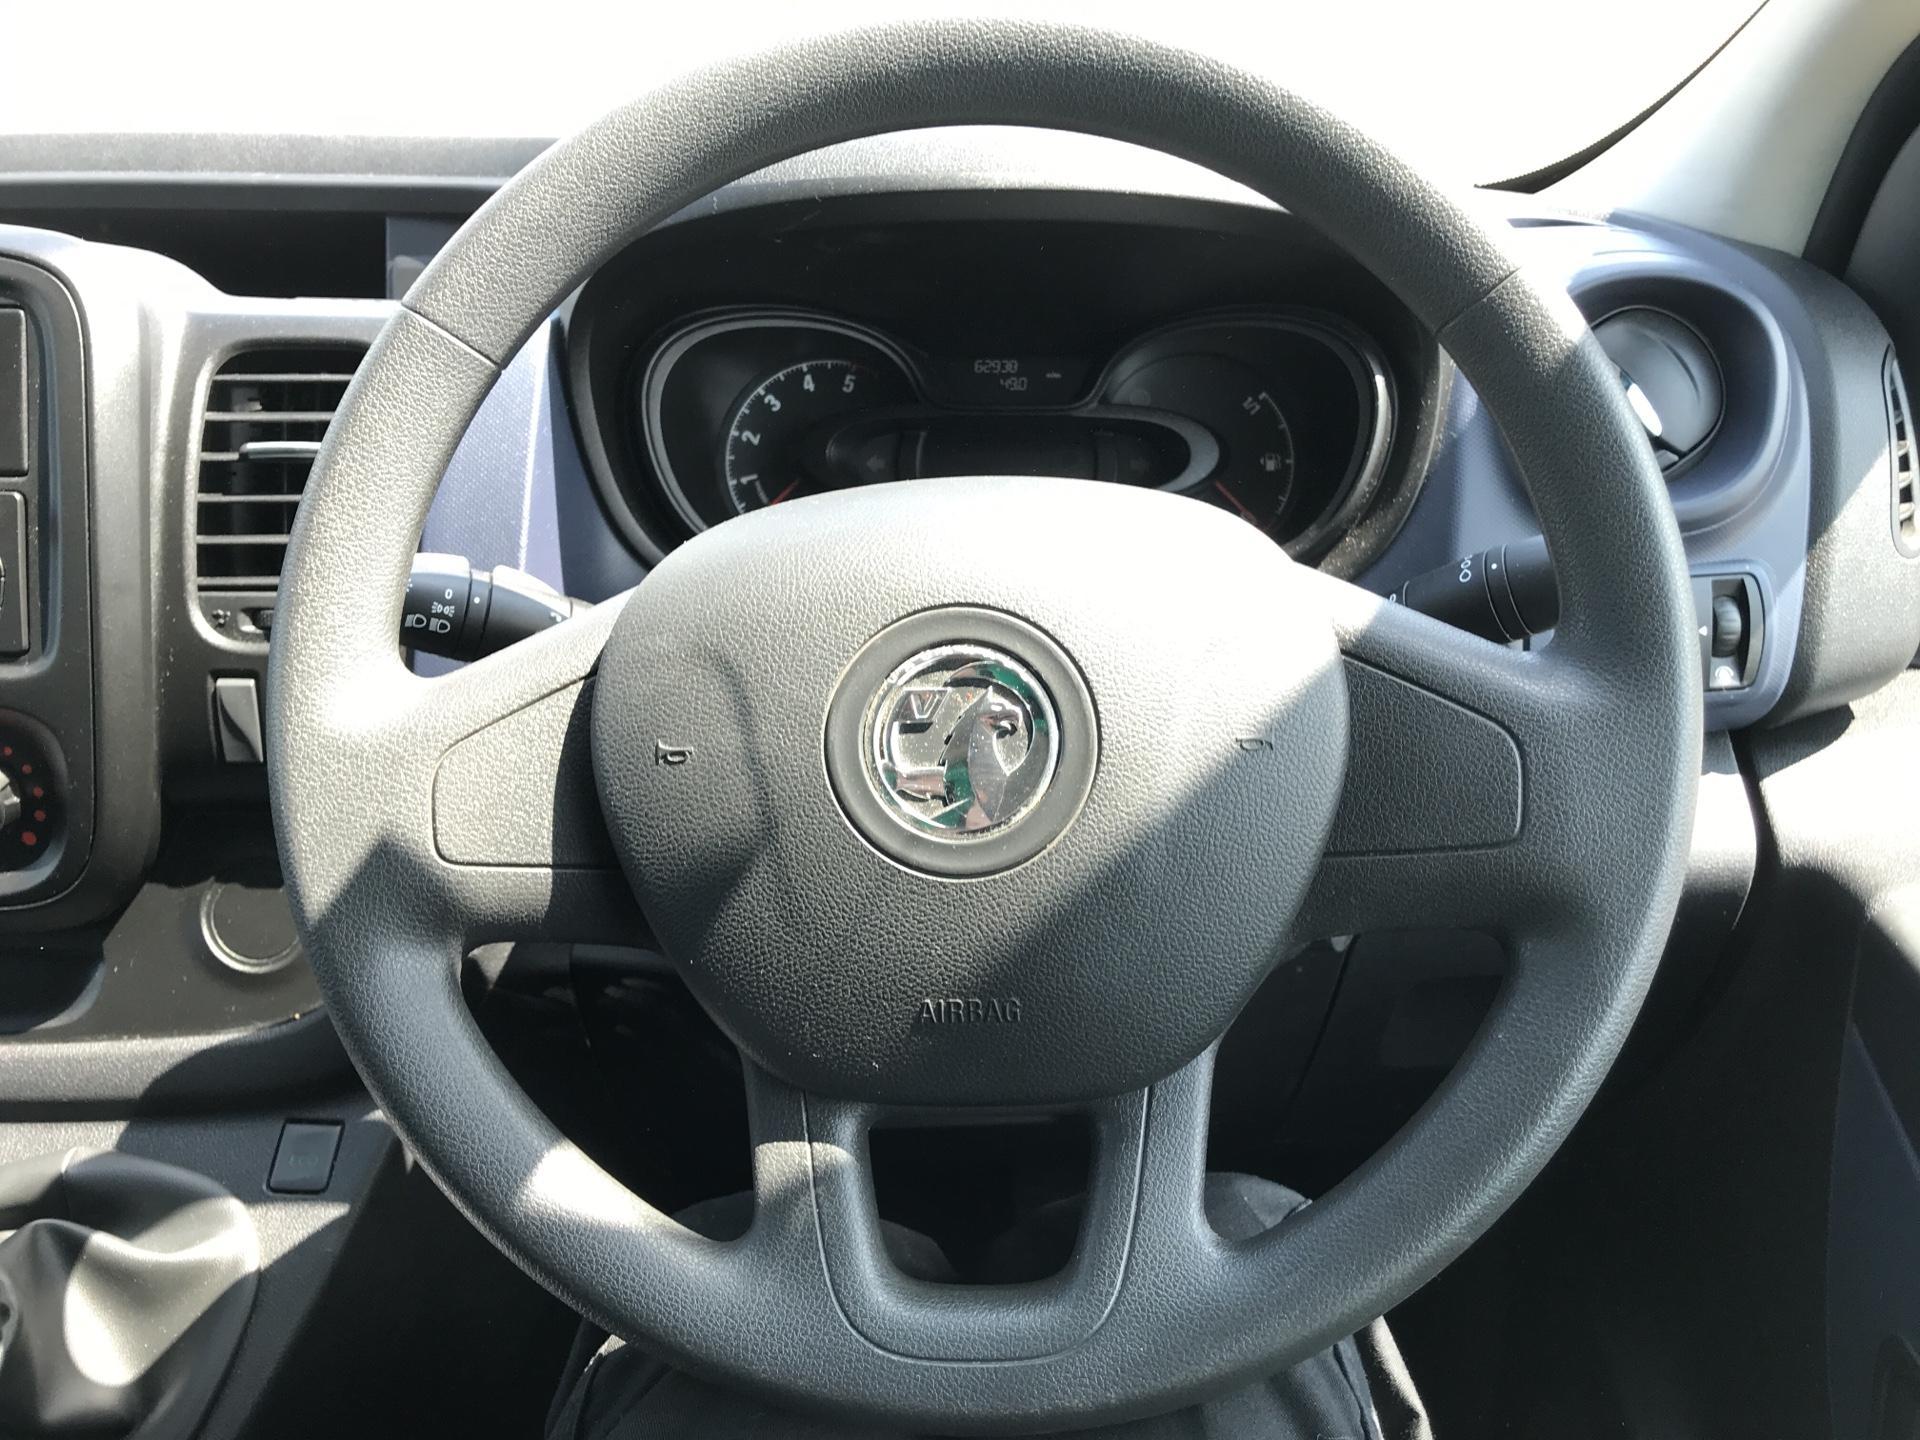 2017 Vauxhall Vivaro L2 H1 2900 1.6 95PS EURO 6 (BK17ONM) Image 12